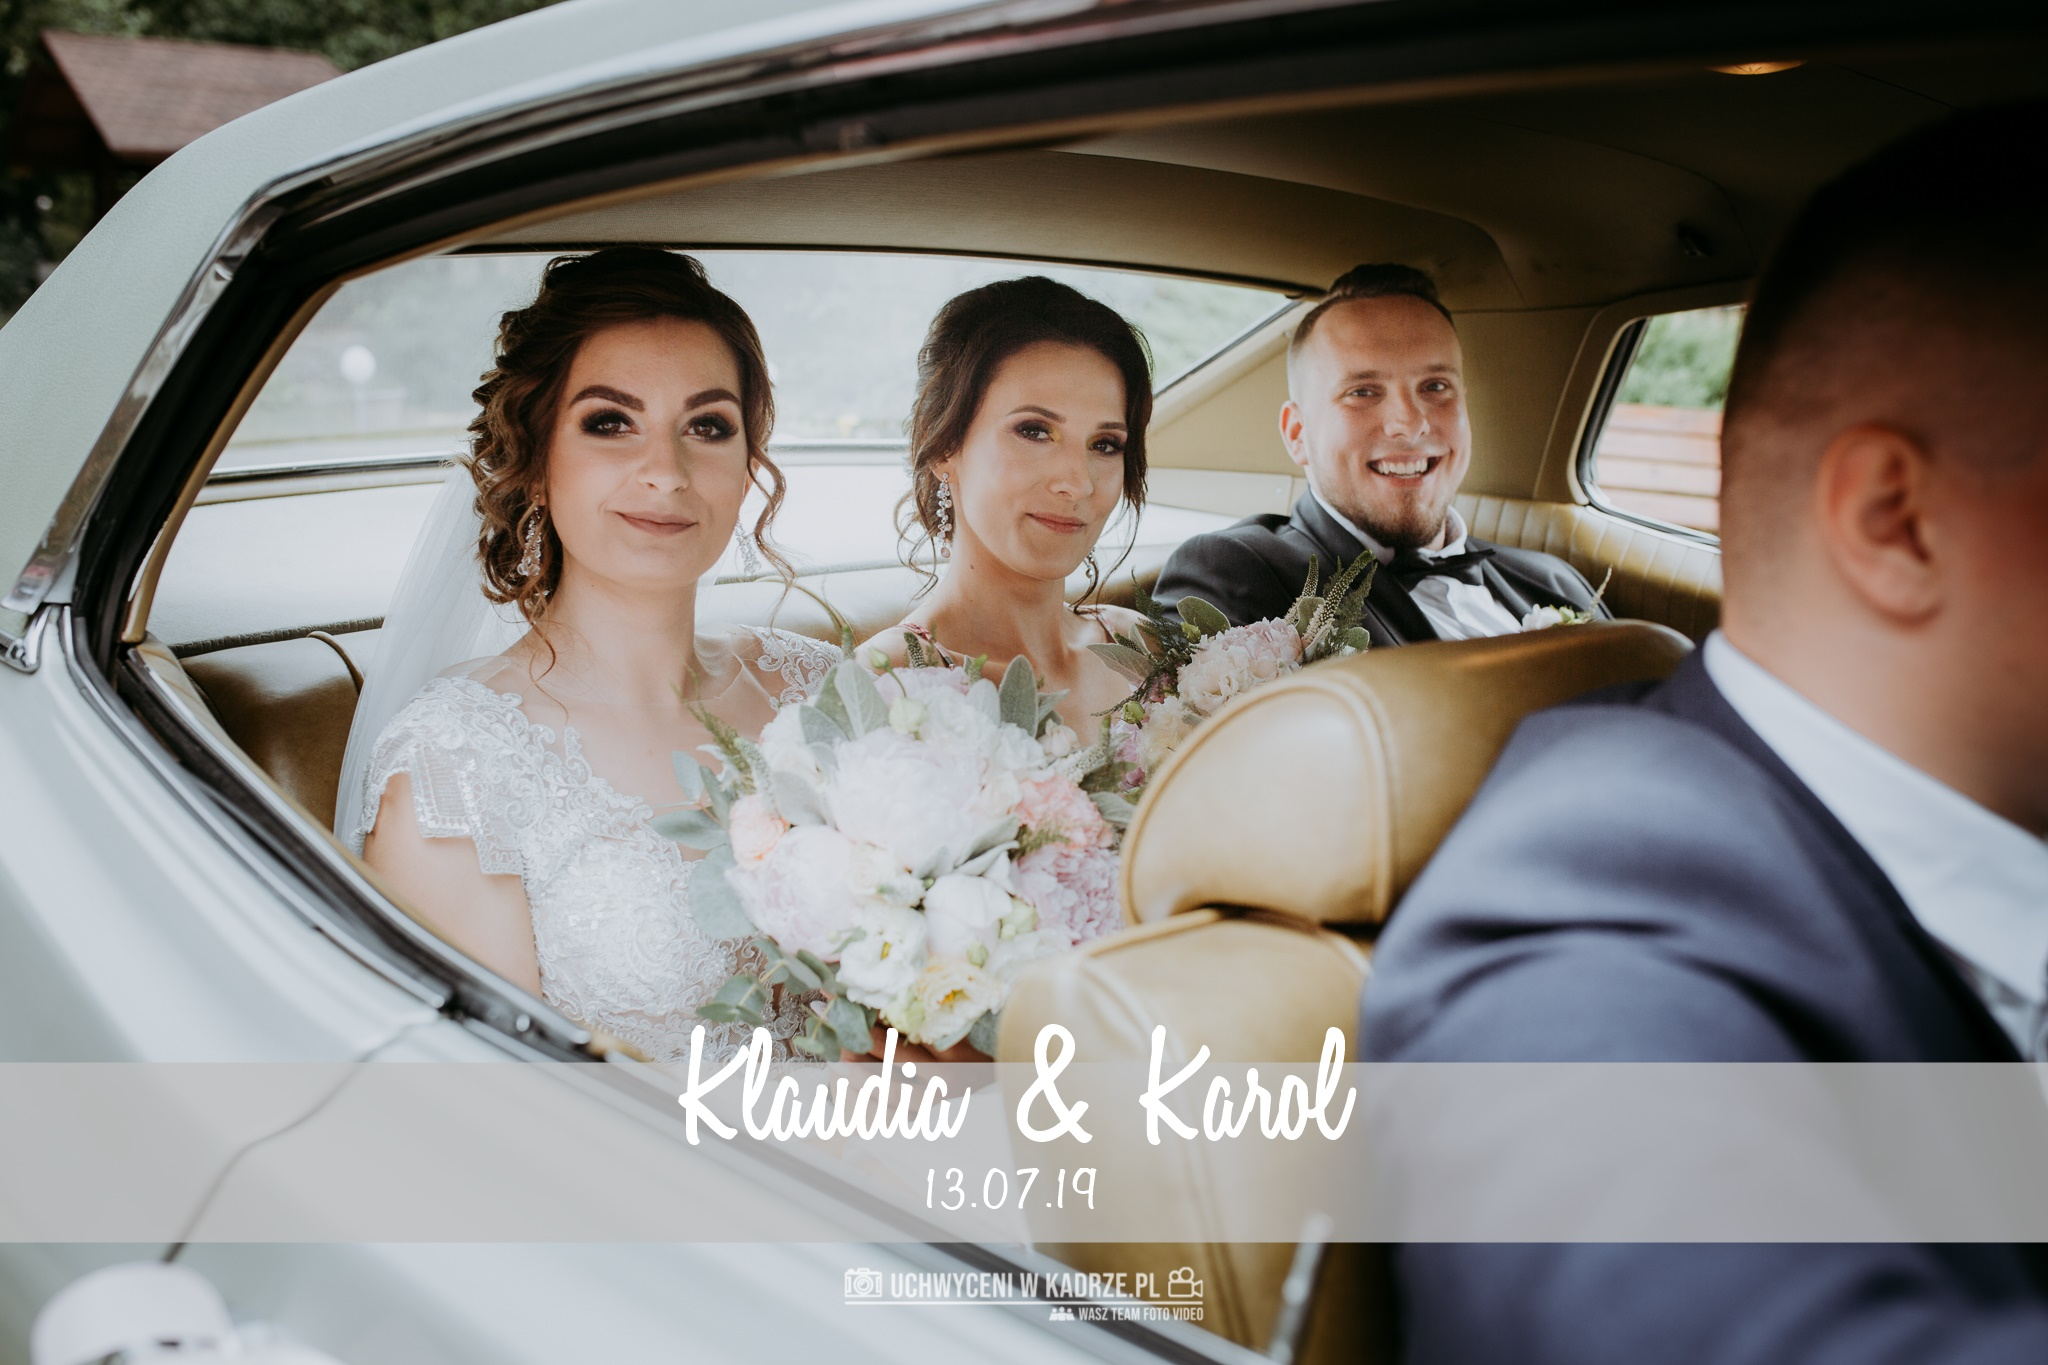 Klaudia & Karol | Reportaż Ślubny + Teledysk Ślubny | Chełm